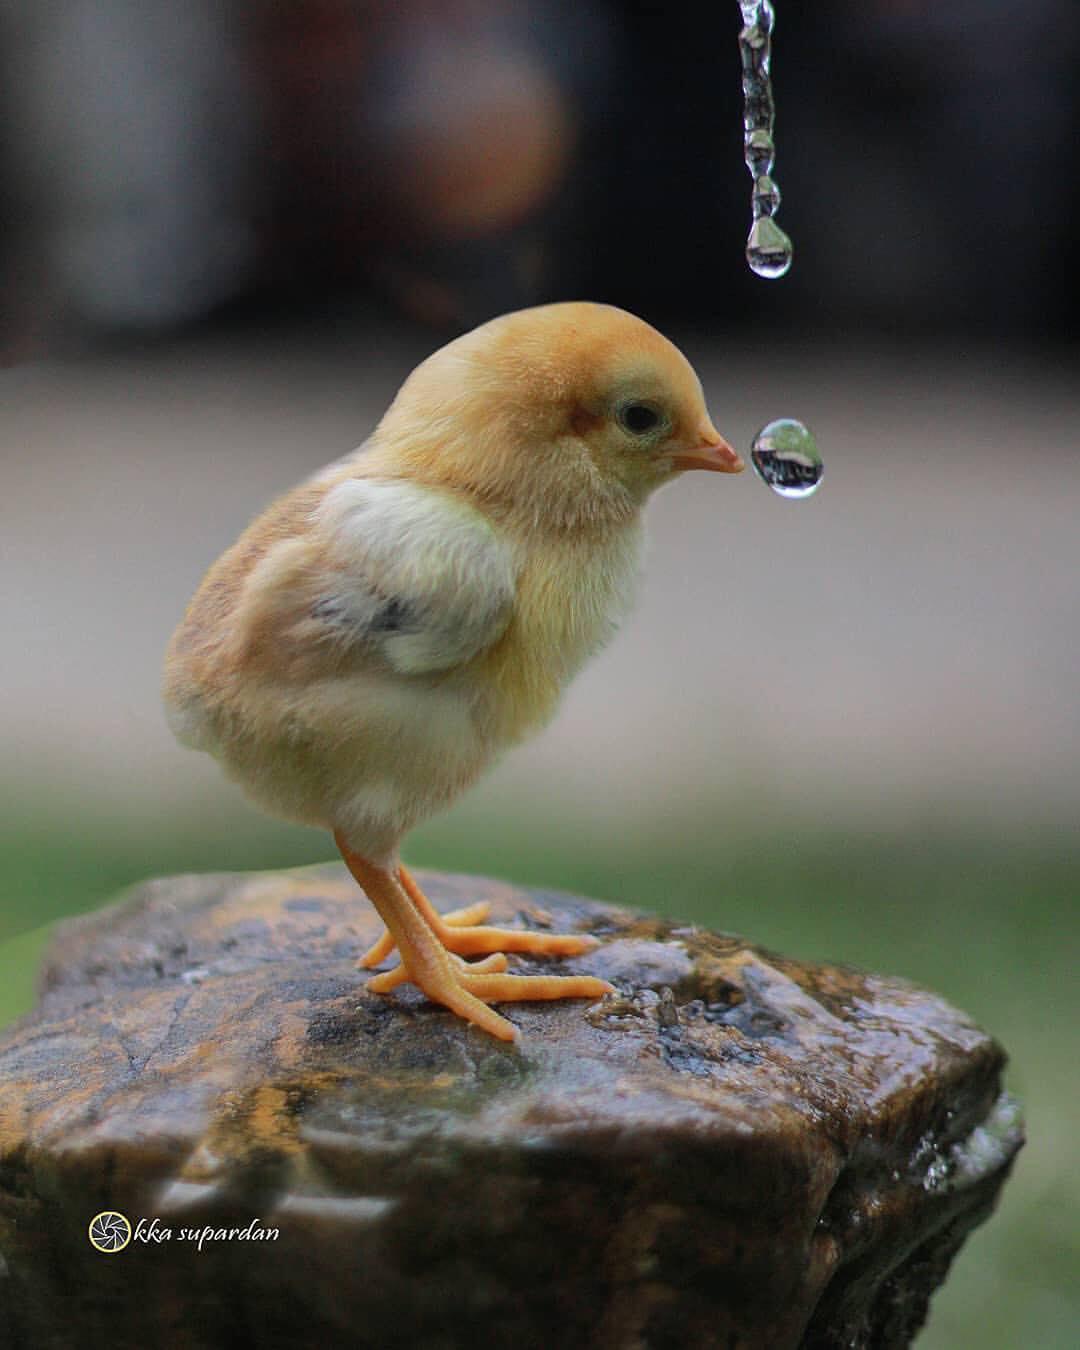 Фото Цыпленок стоит на камне перед каплей воды, by okka supardan